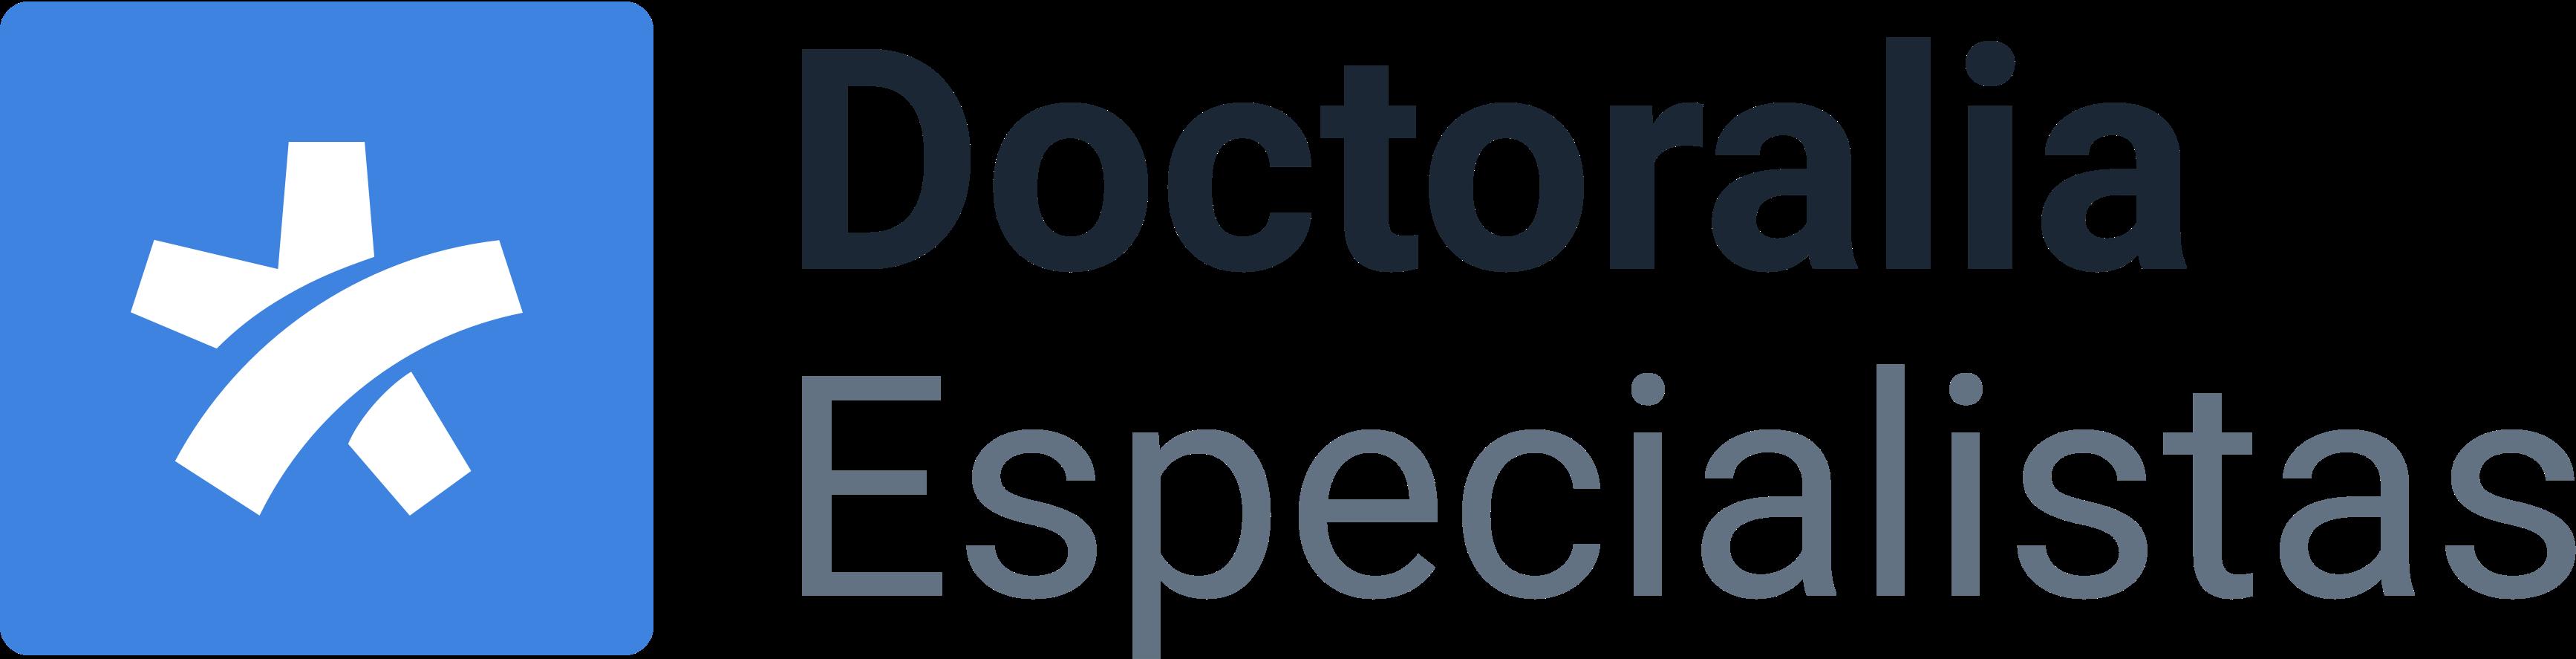 Doctoralia para Especialistas